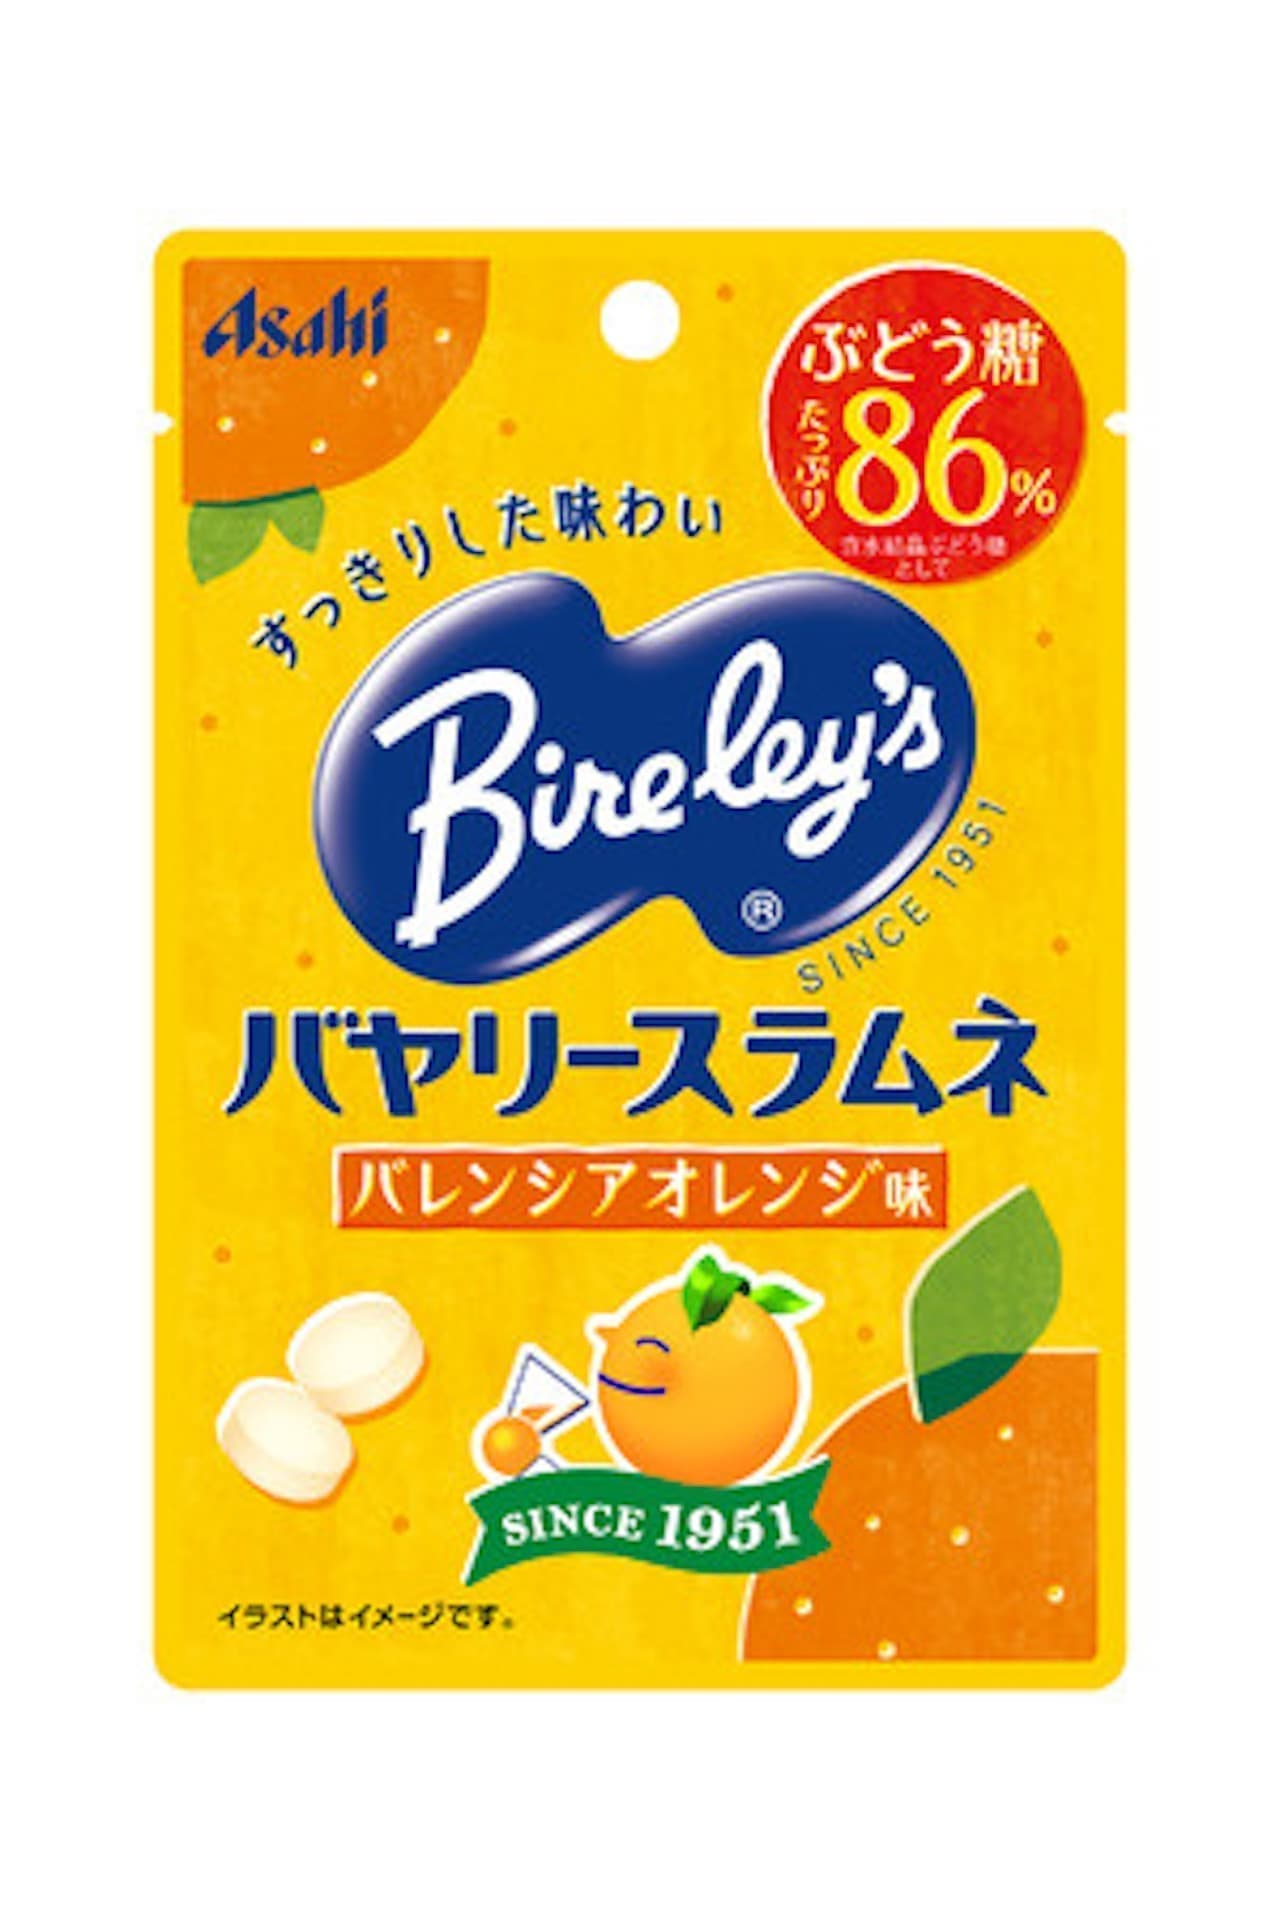 「バヤリースラムネ」バレンシアオレンジのすっきりとした味わい